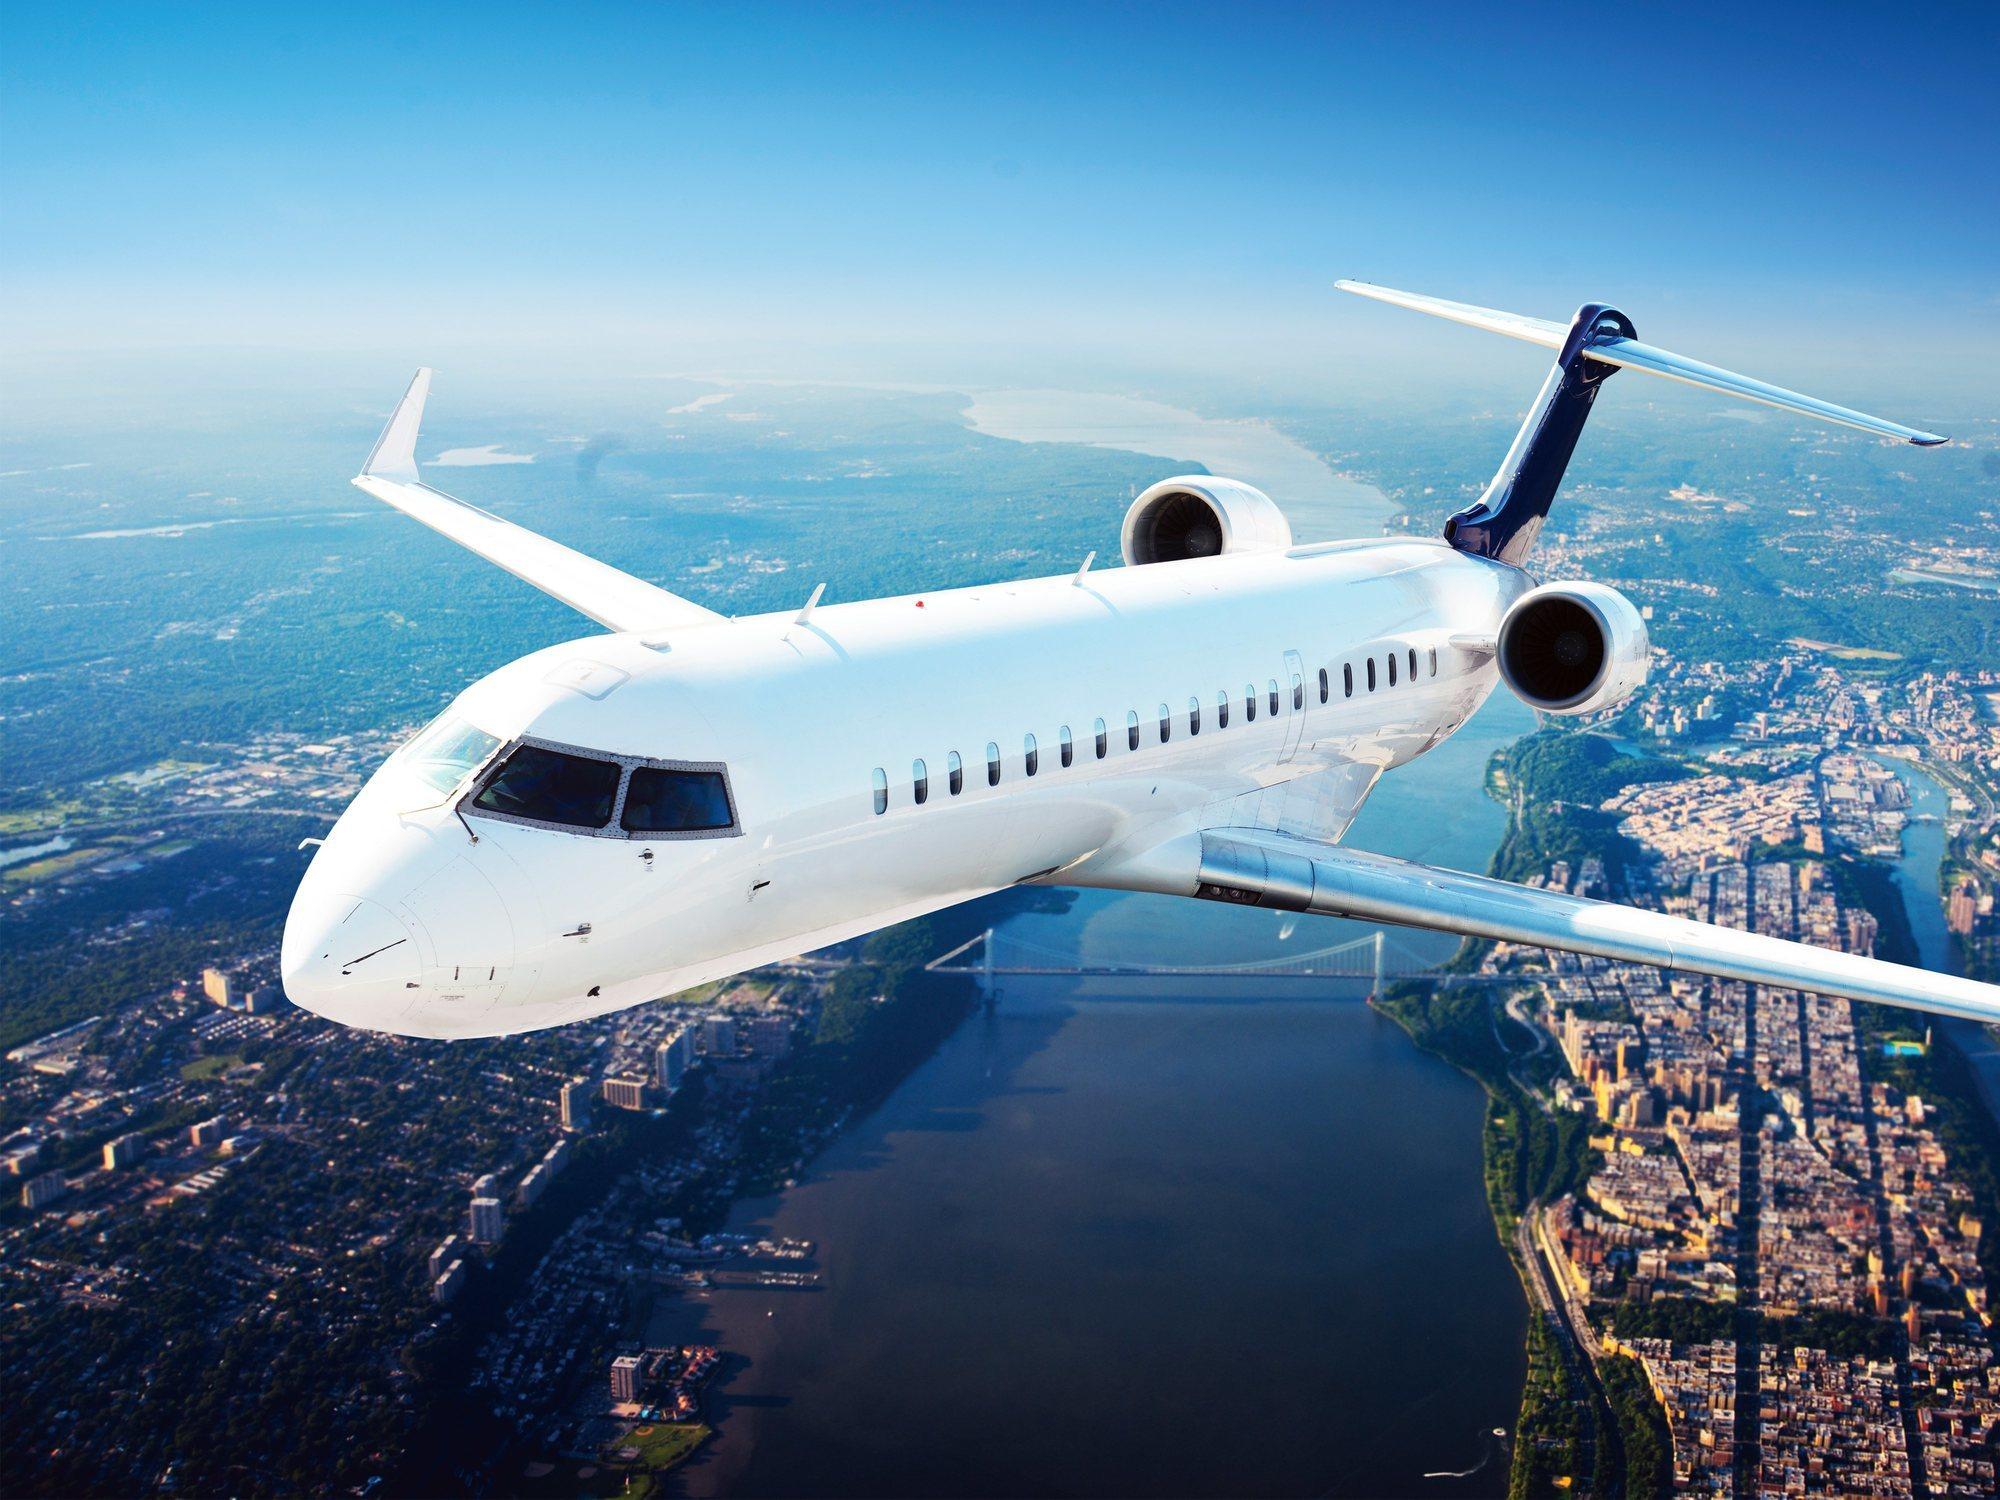 ¿Por qué los aviones siempre son blancos?